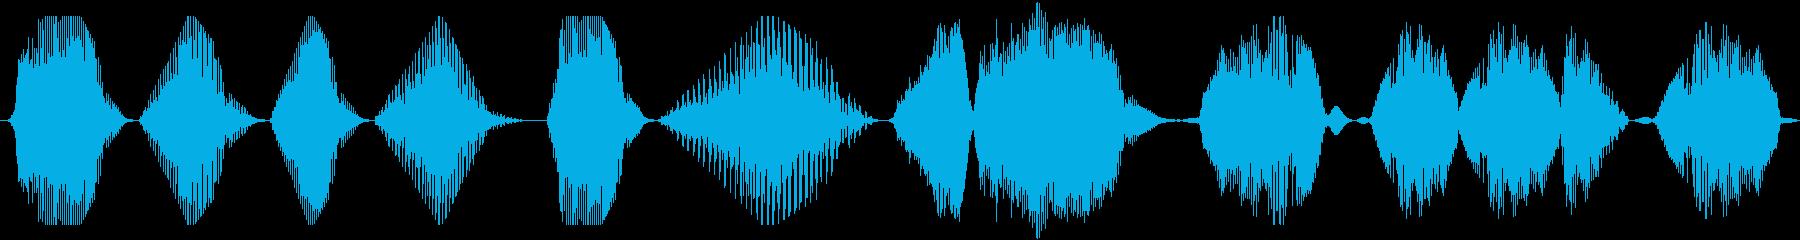 連続空間とロボット、低歪み音声、S...の再生済みの波形